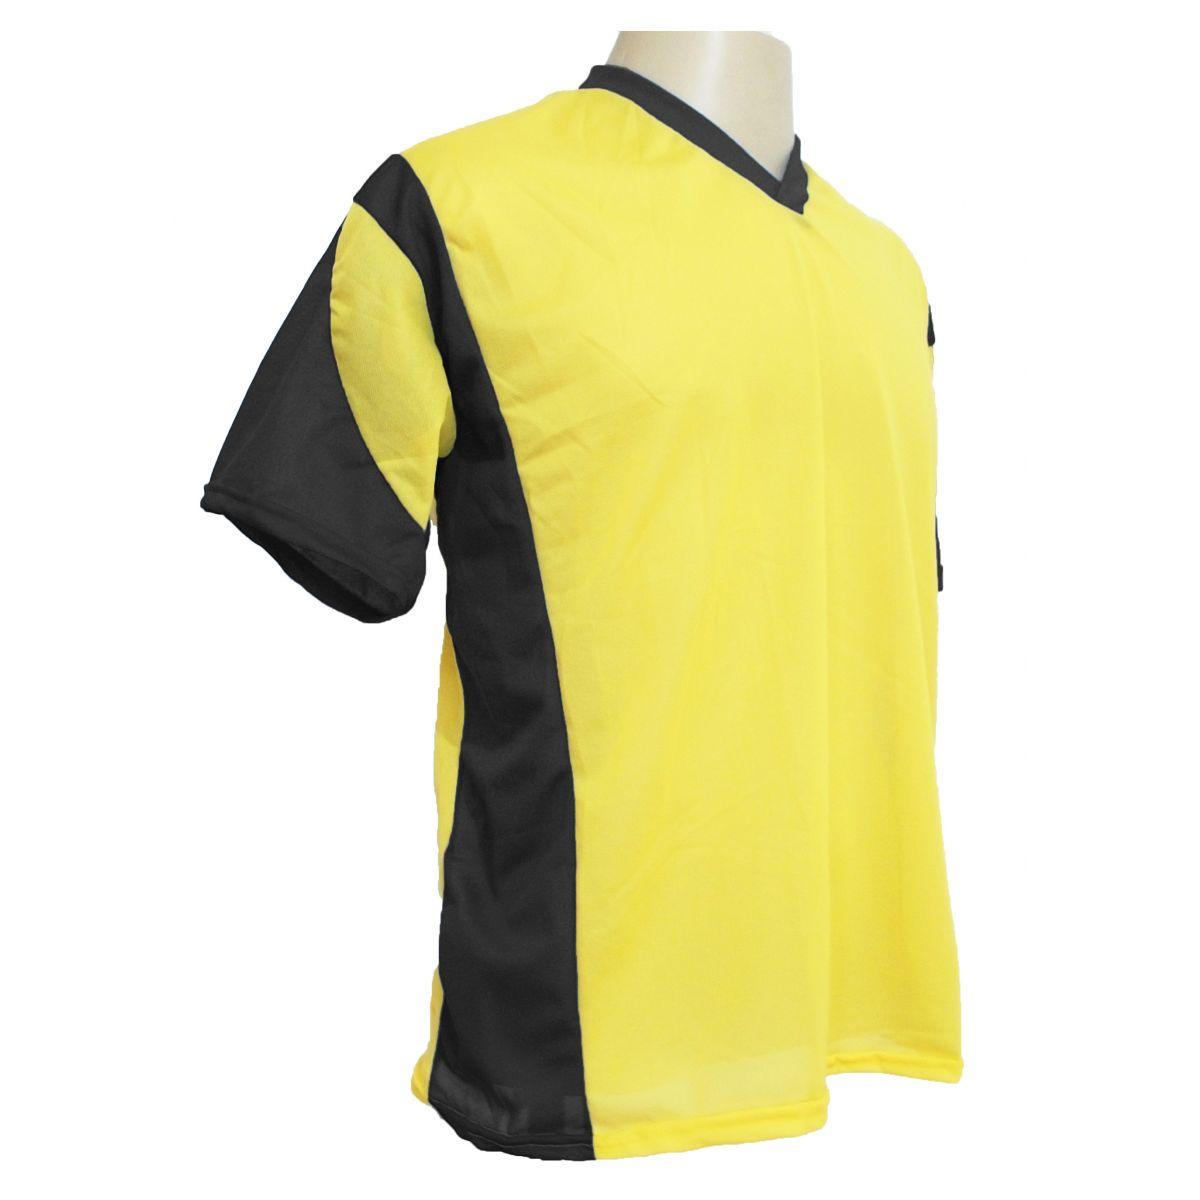 Jogo de Camisa Promocional com 18 Peças Numeradas Modelo Attack Amarelo/Preto - Frete Grátis Brasil